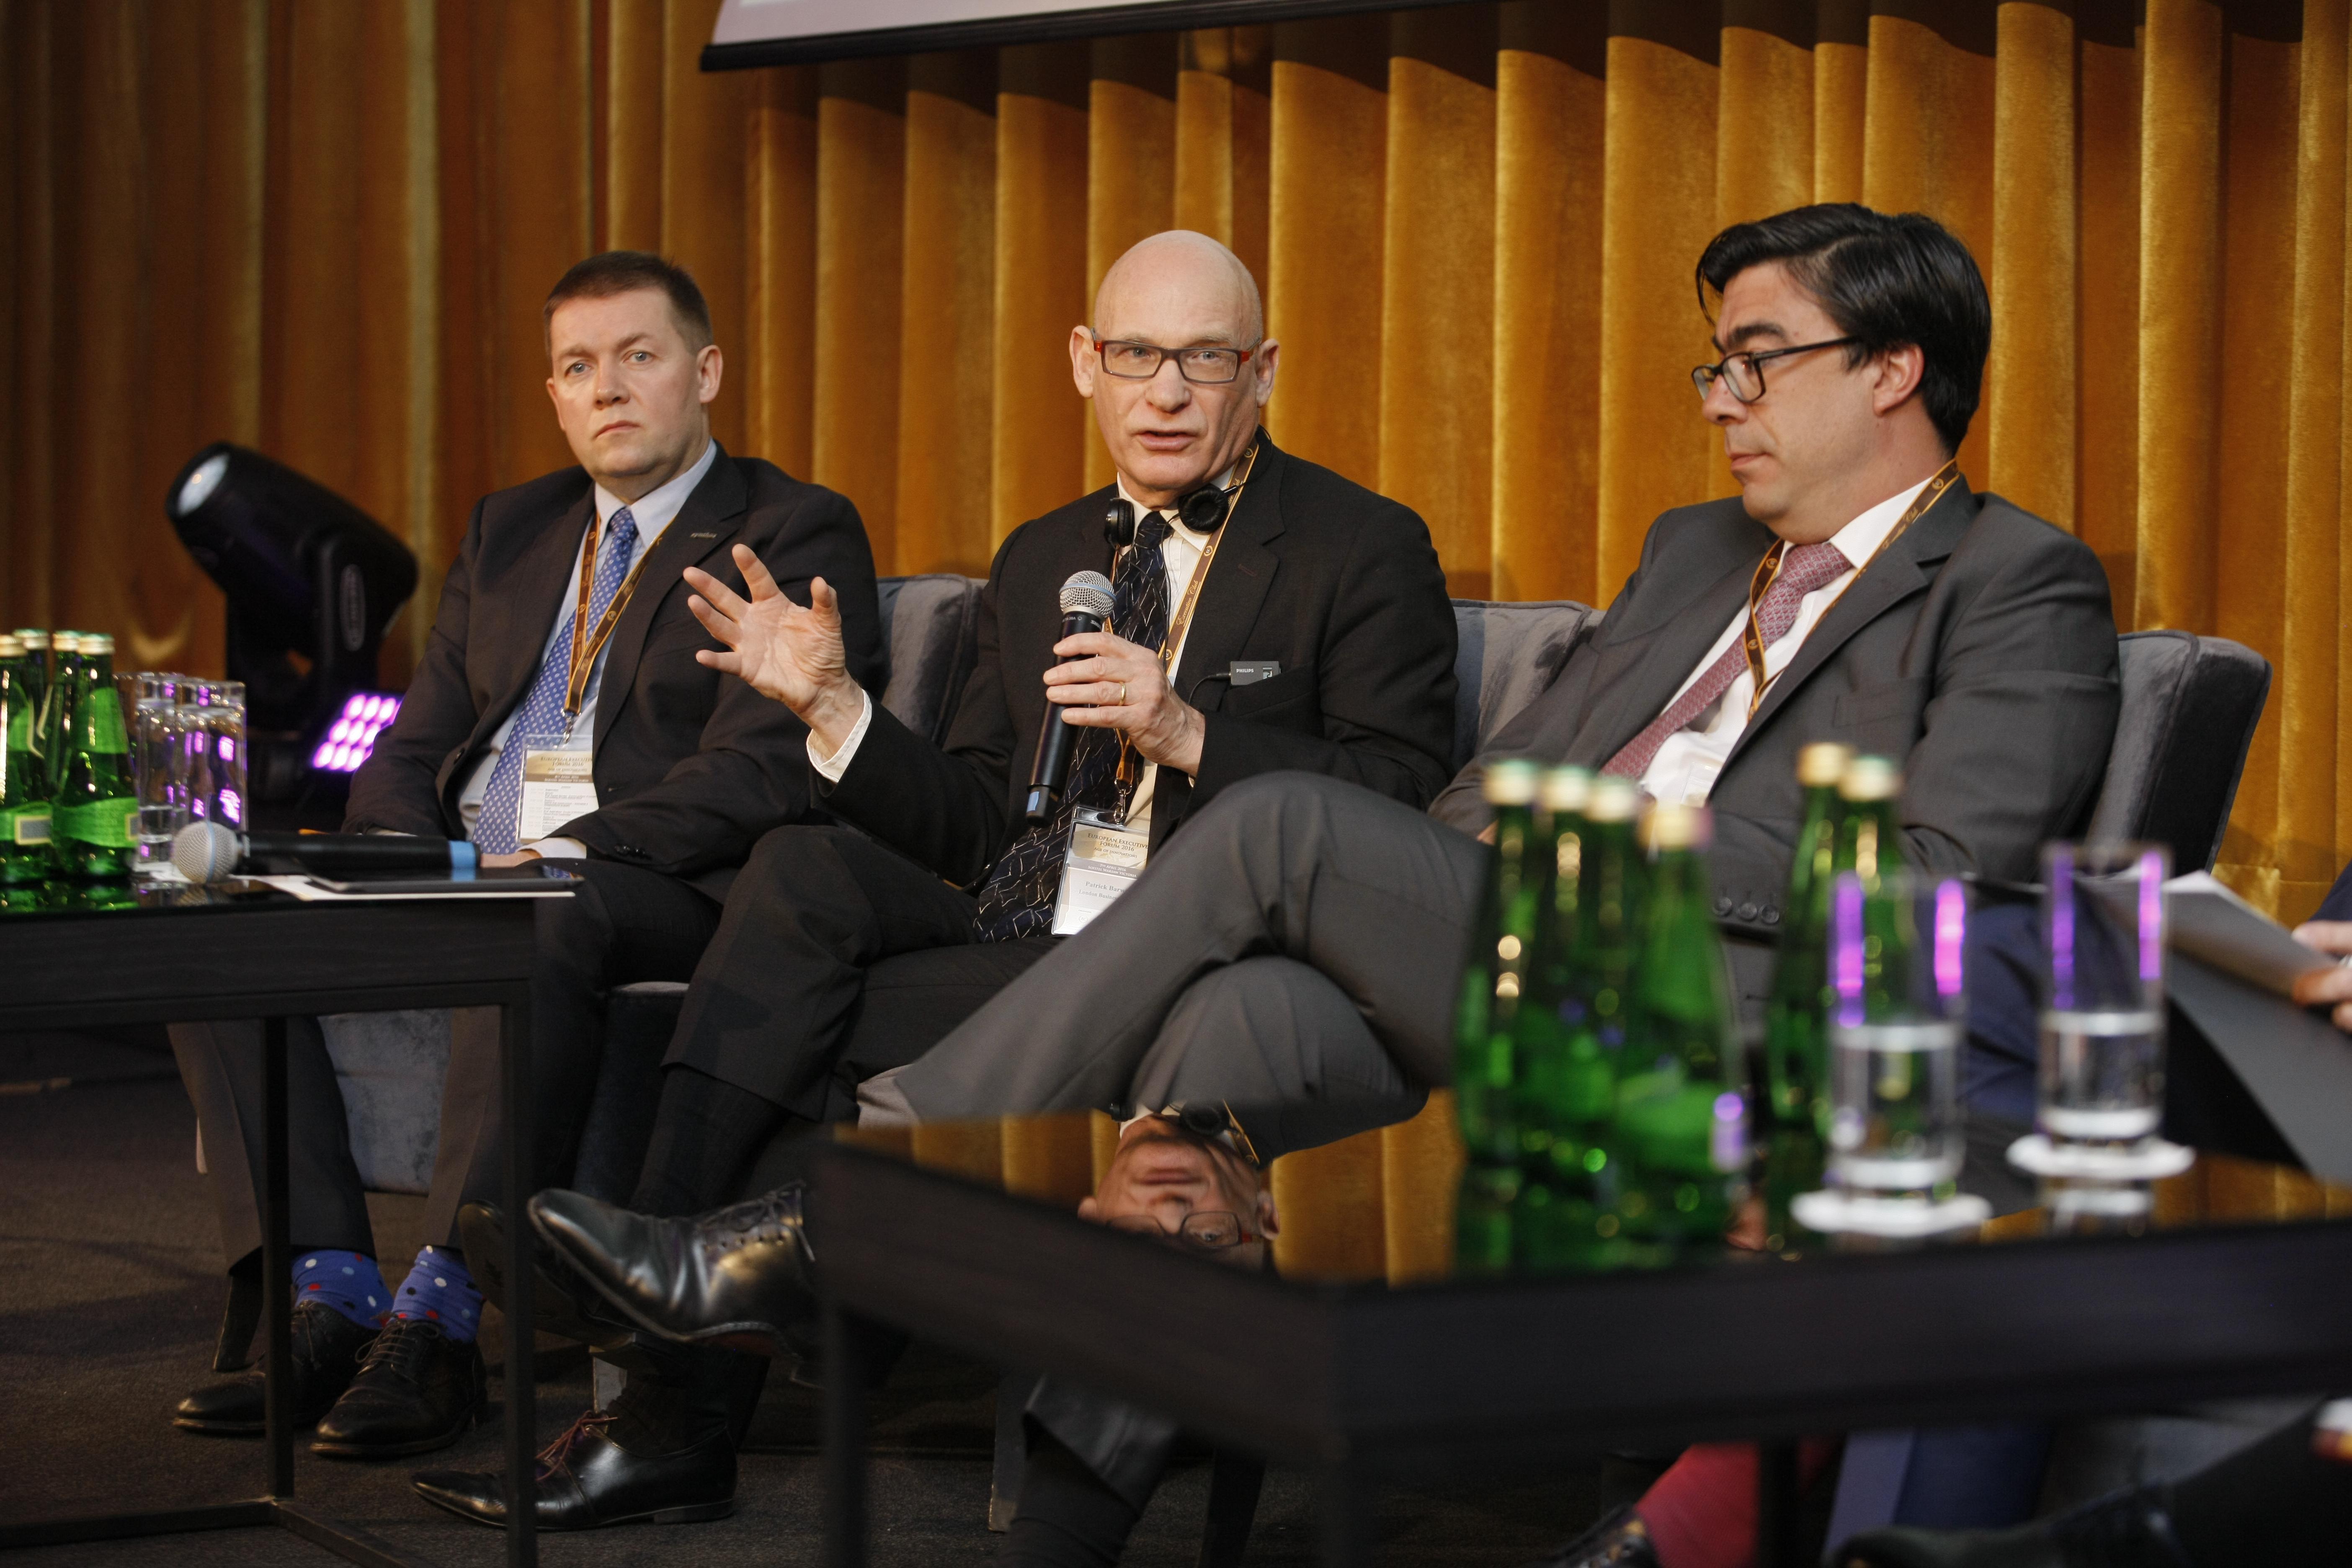 European Executive Forum